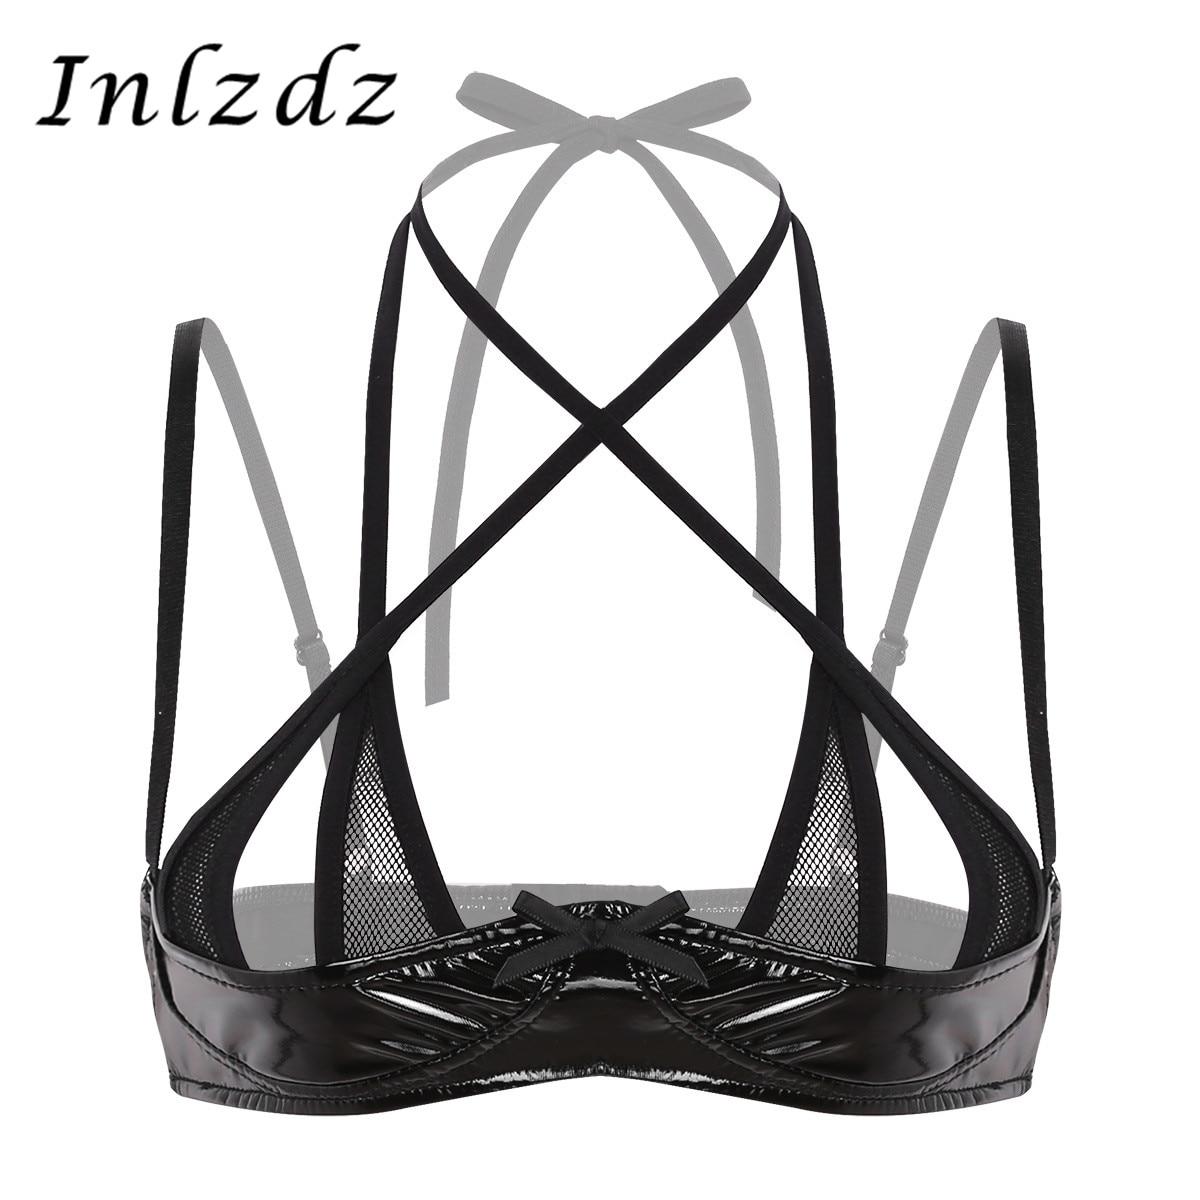 Women's Latex Leather Bra For Sex Wetlook Lingerie Halter Neck Adjustable Spaghetti Shoulder Straps Front Cross Shelf Bra Top